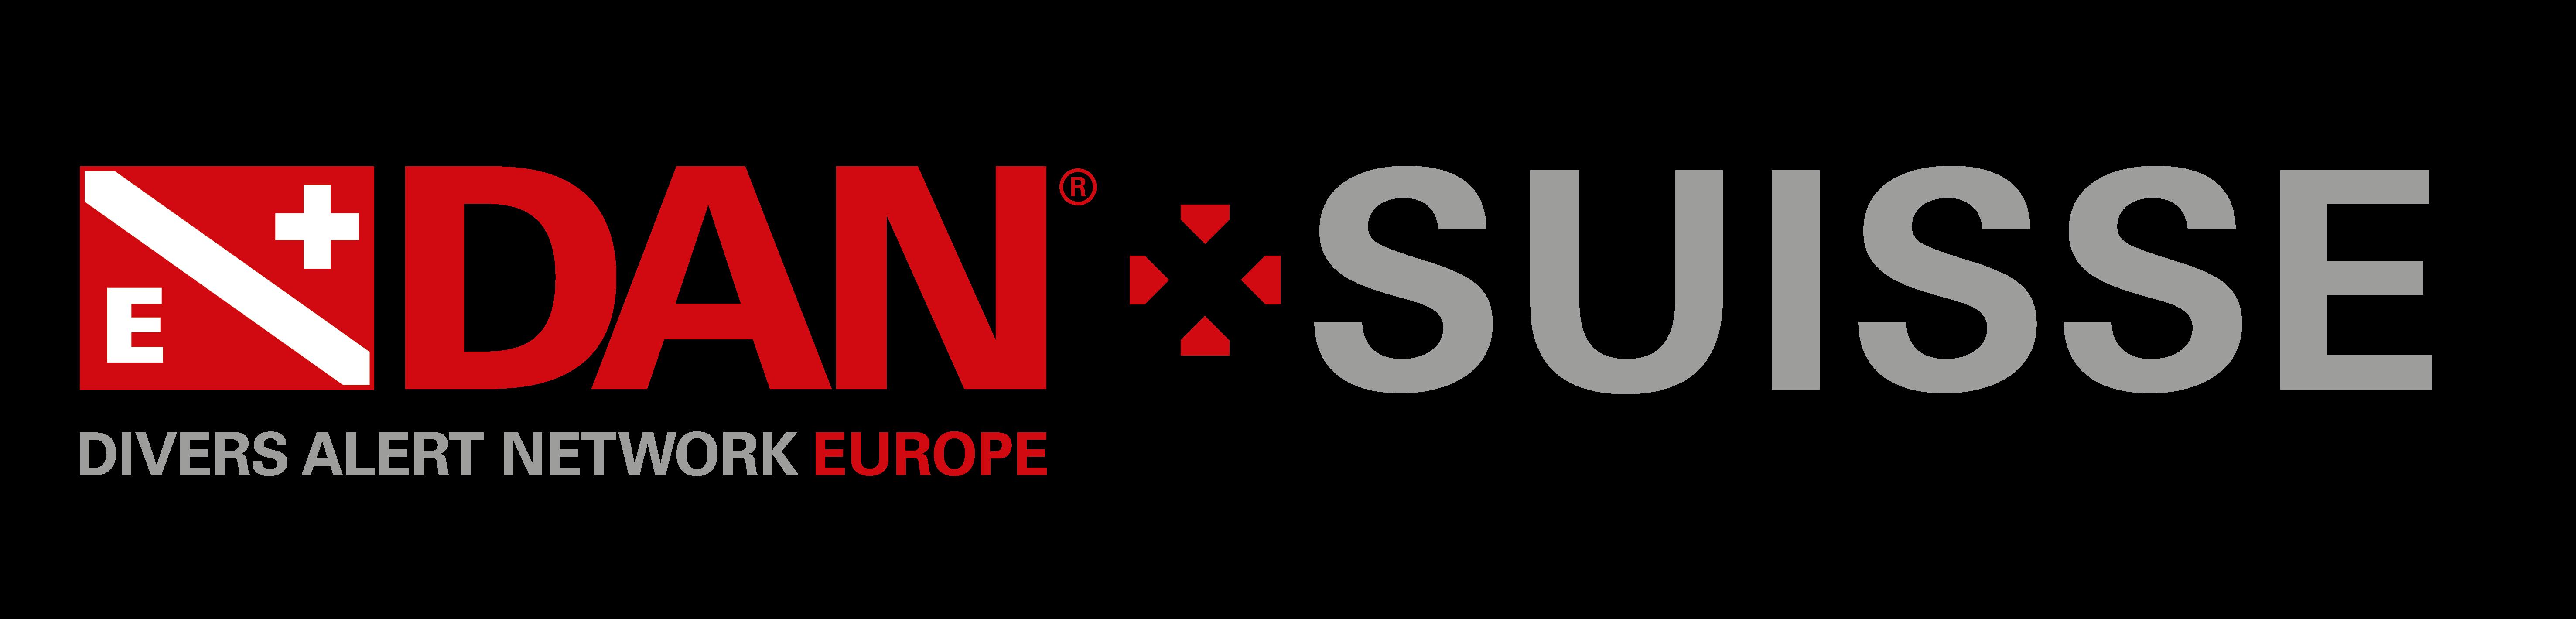 DAN Europe Suisse